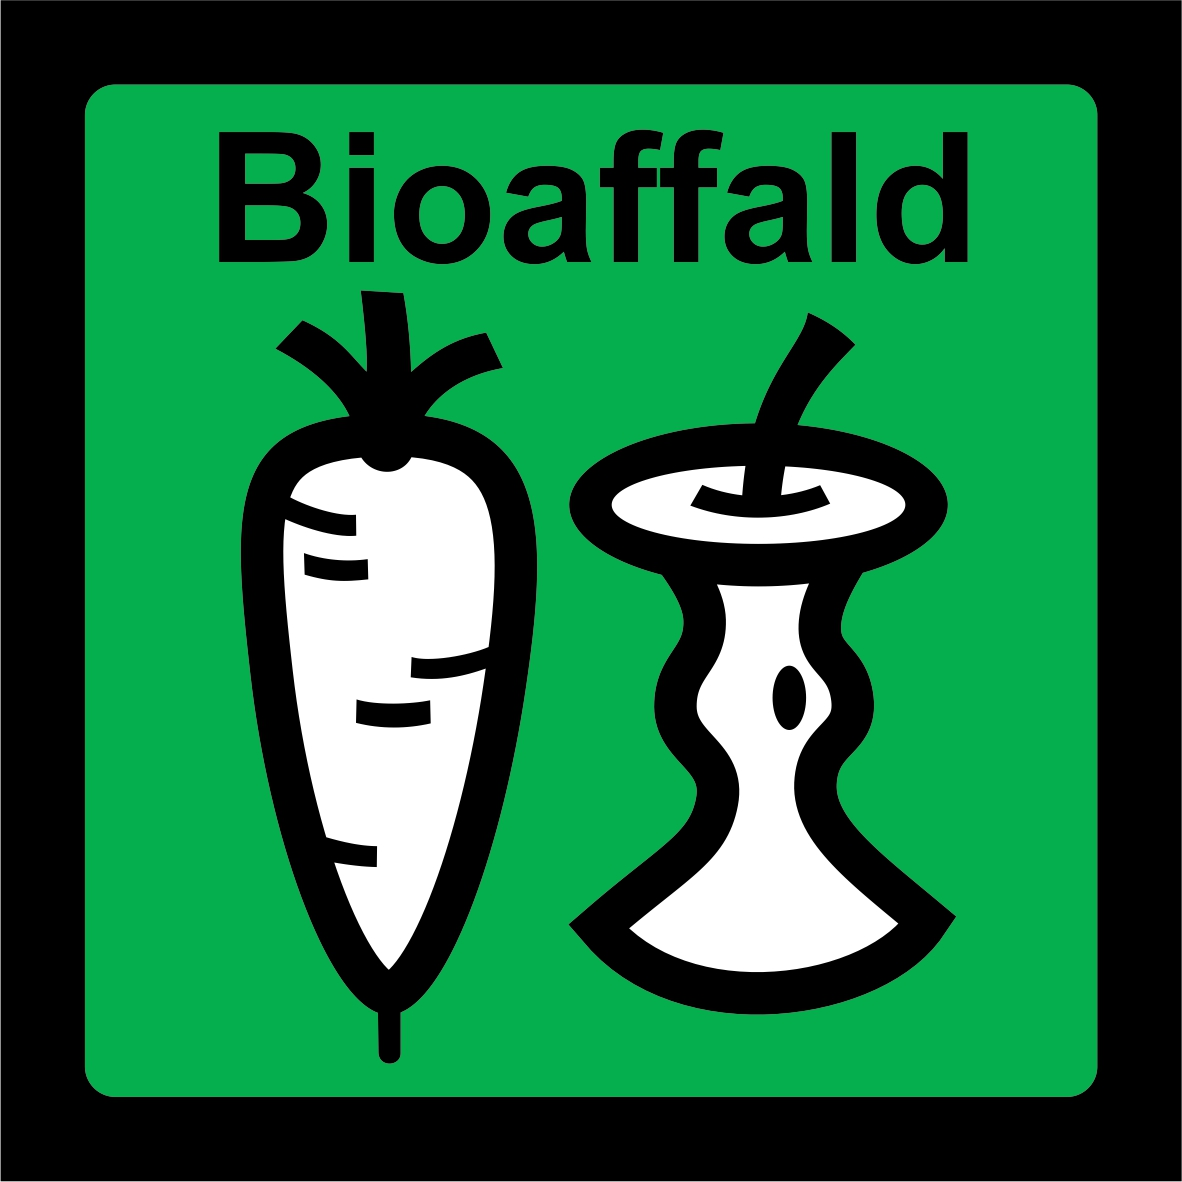 Bio Affald